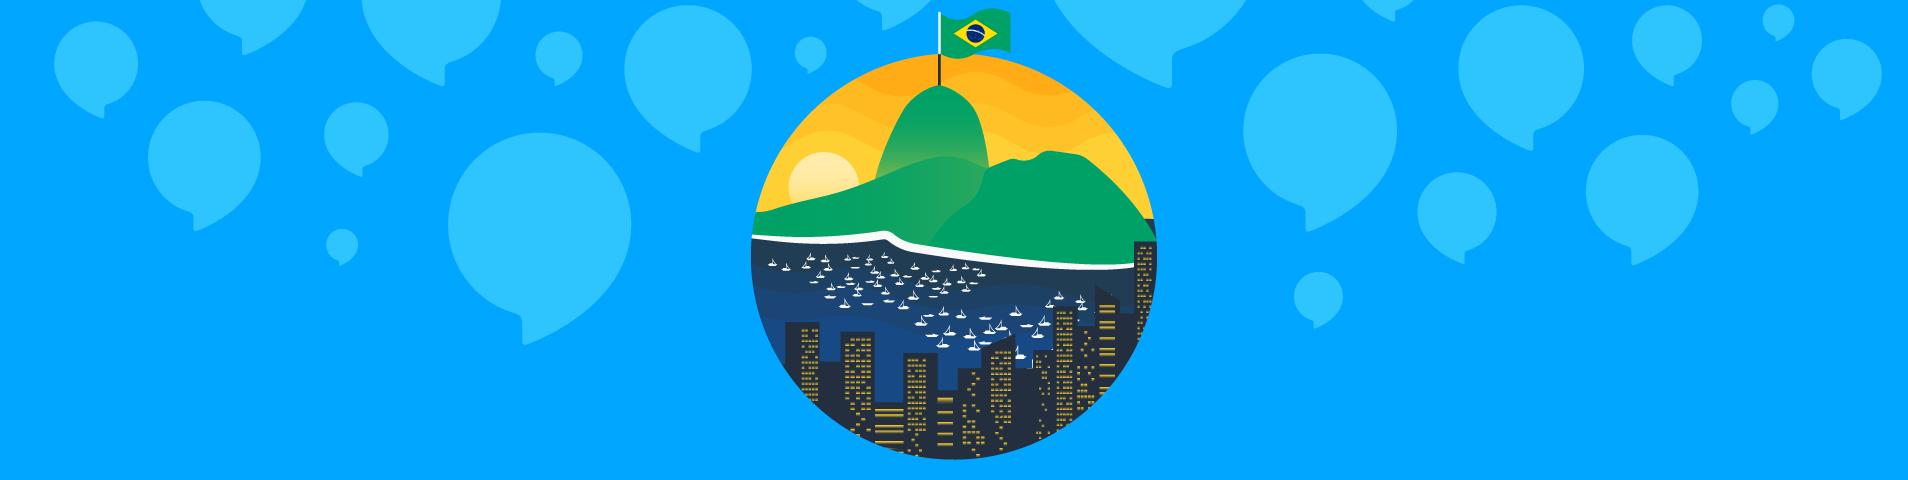 Brazilian Portuguese Amazon Alexa Voice Service